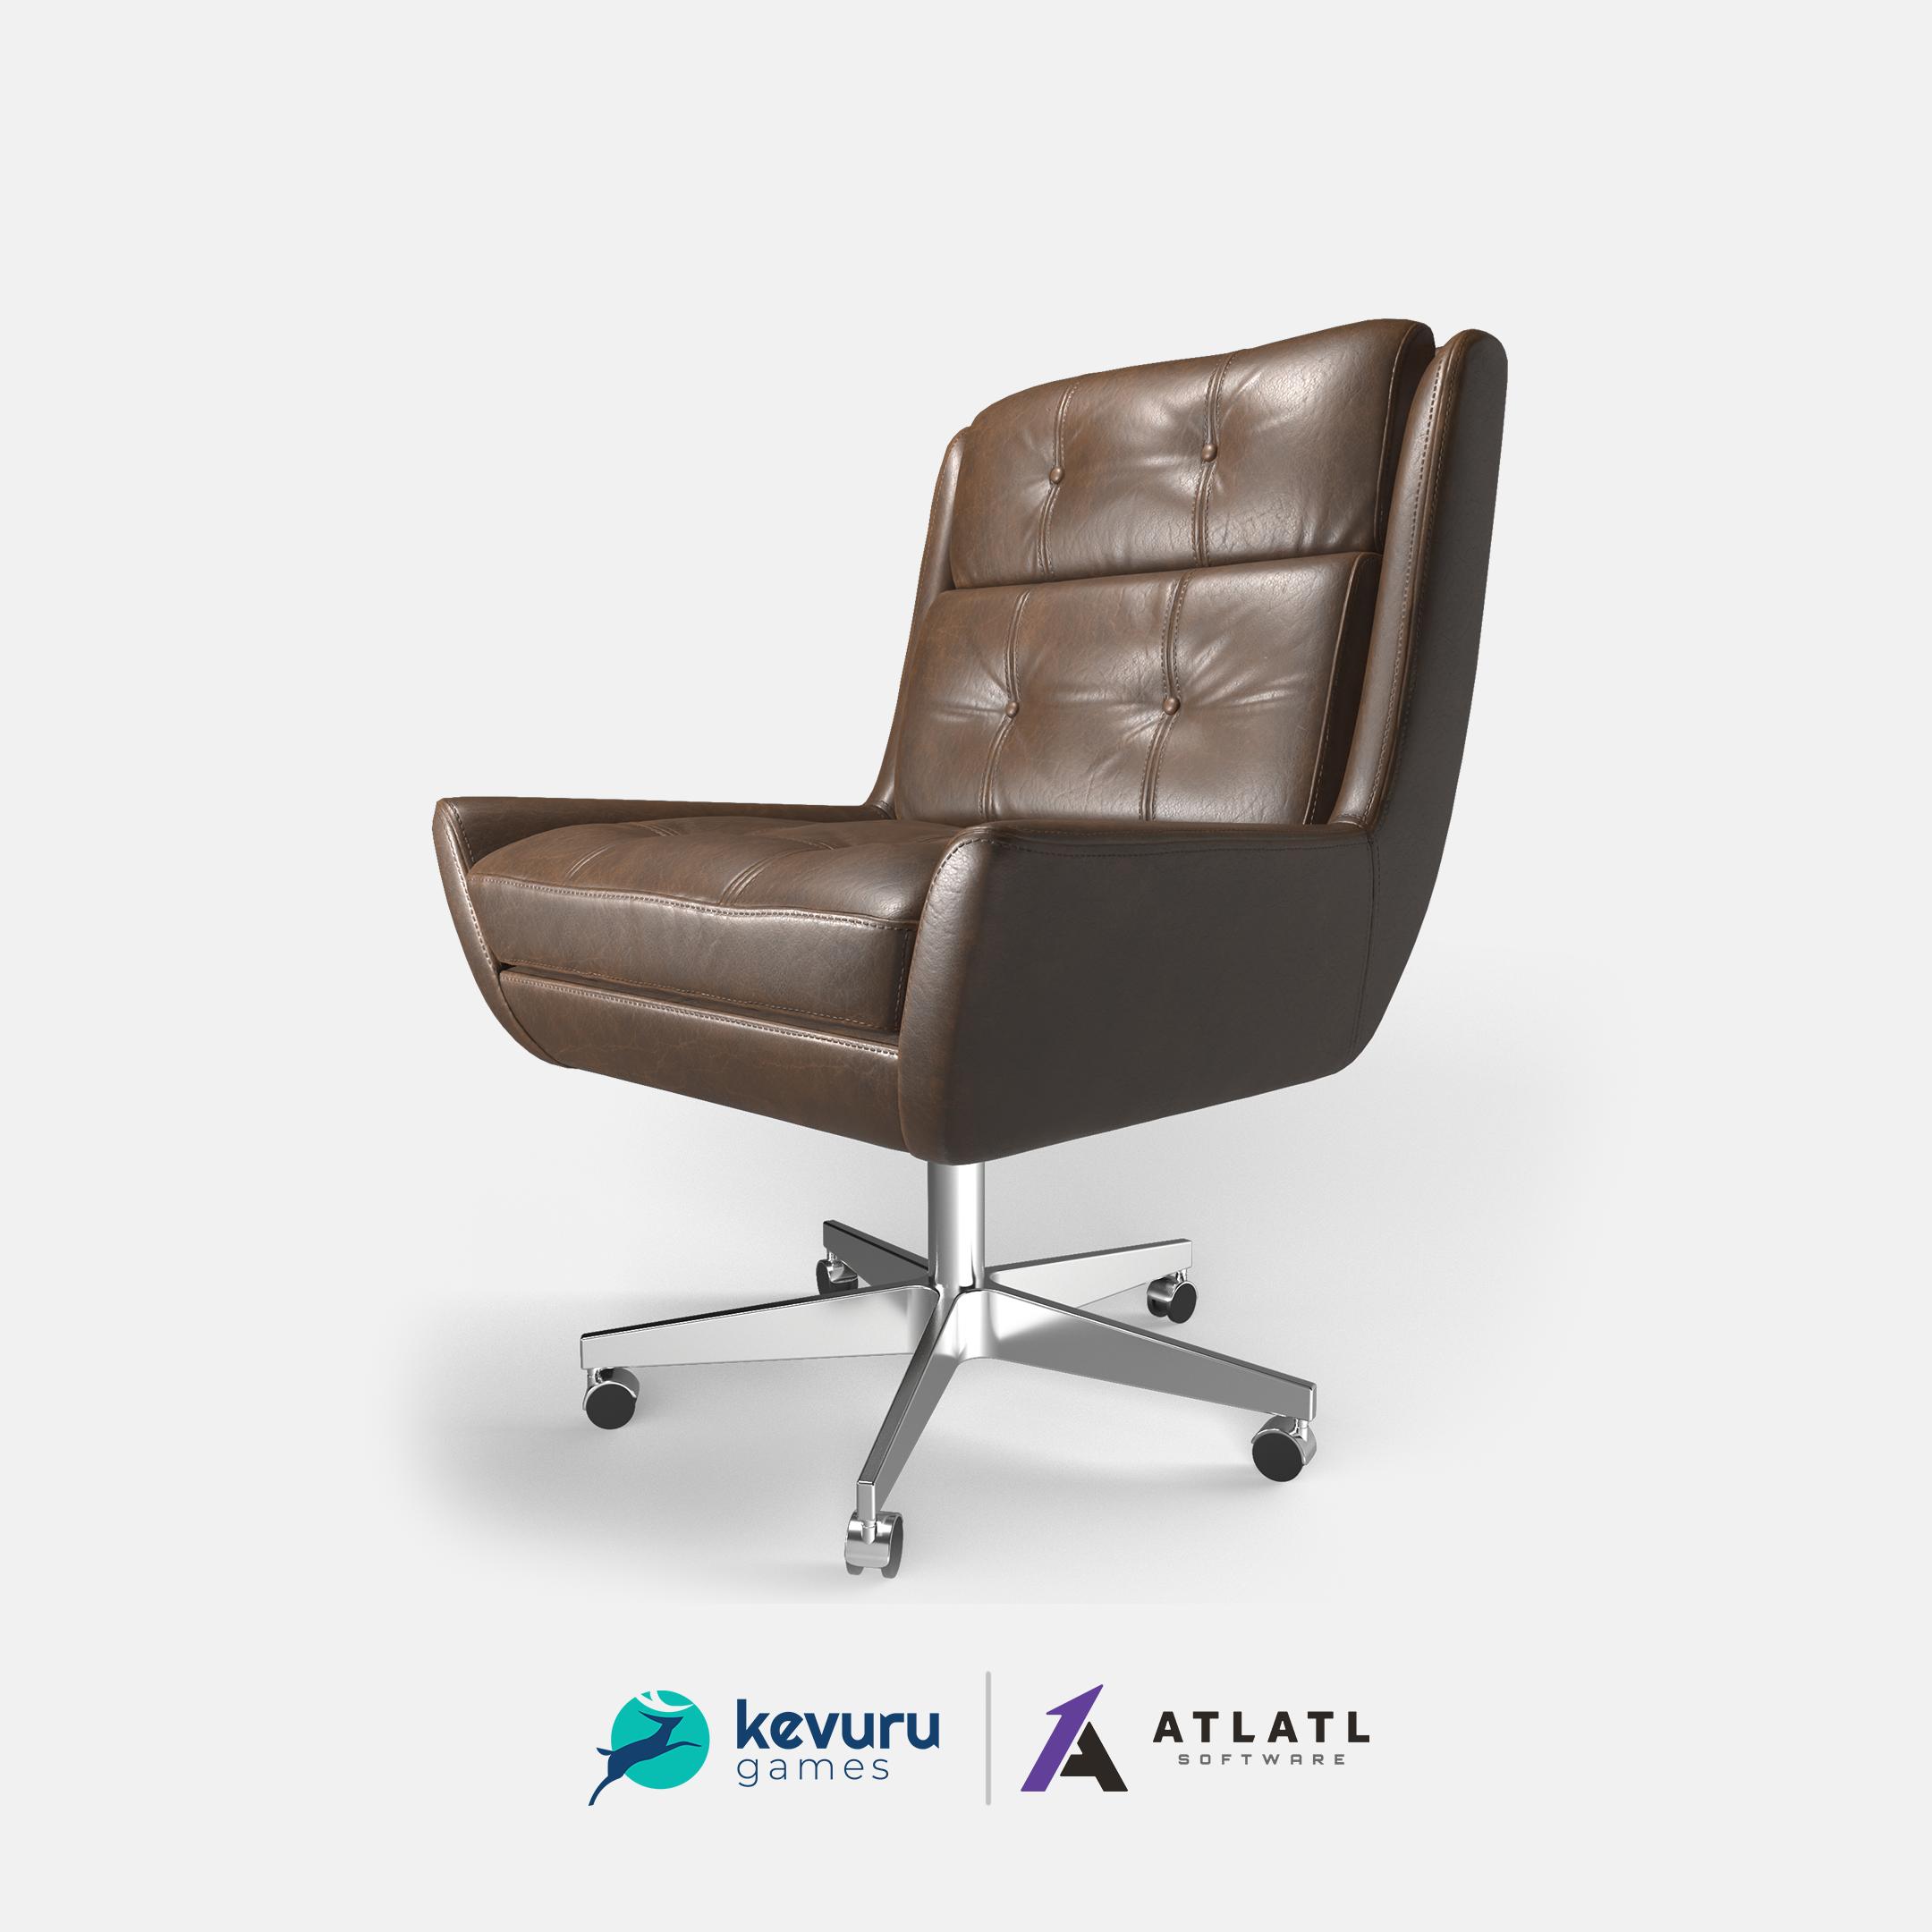 3D Furniture Modeling Services - 15